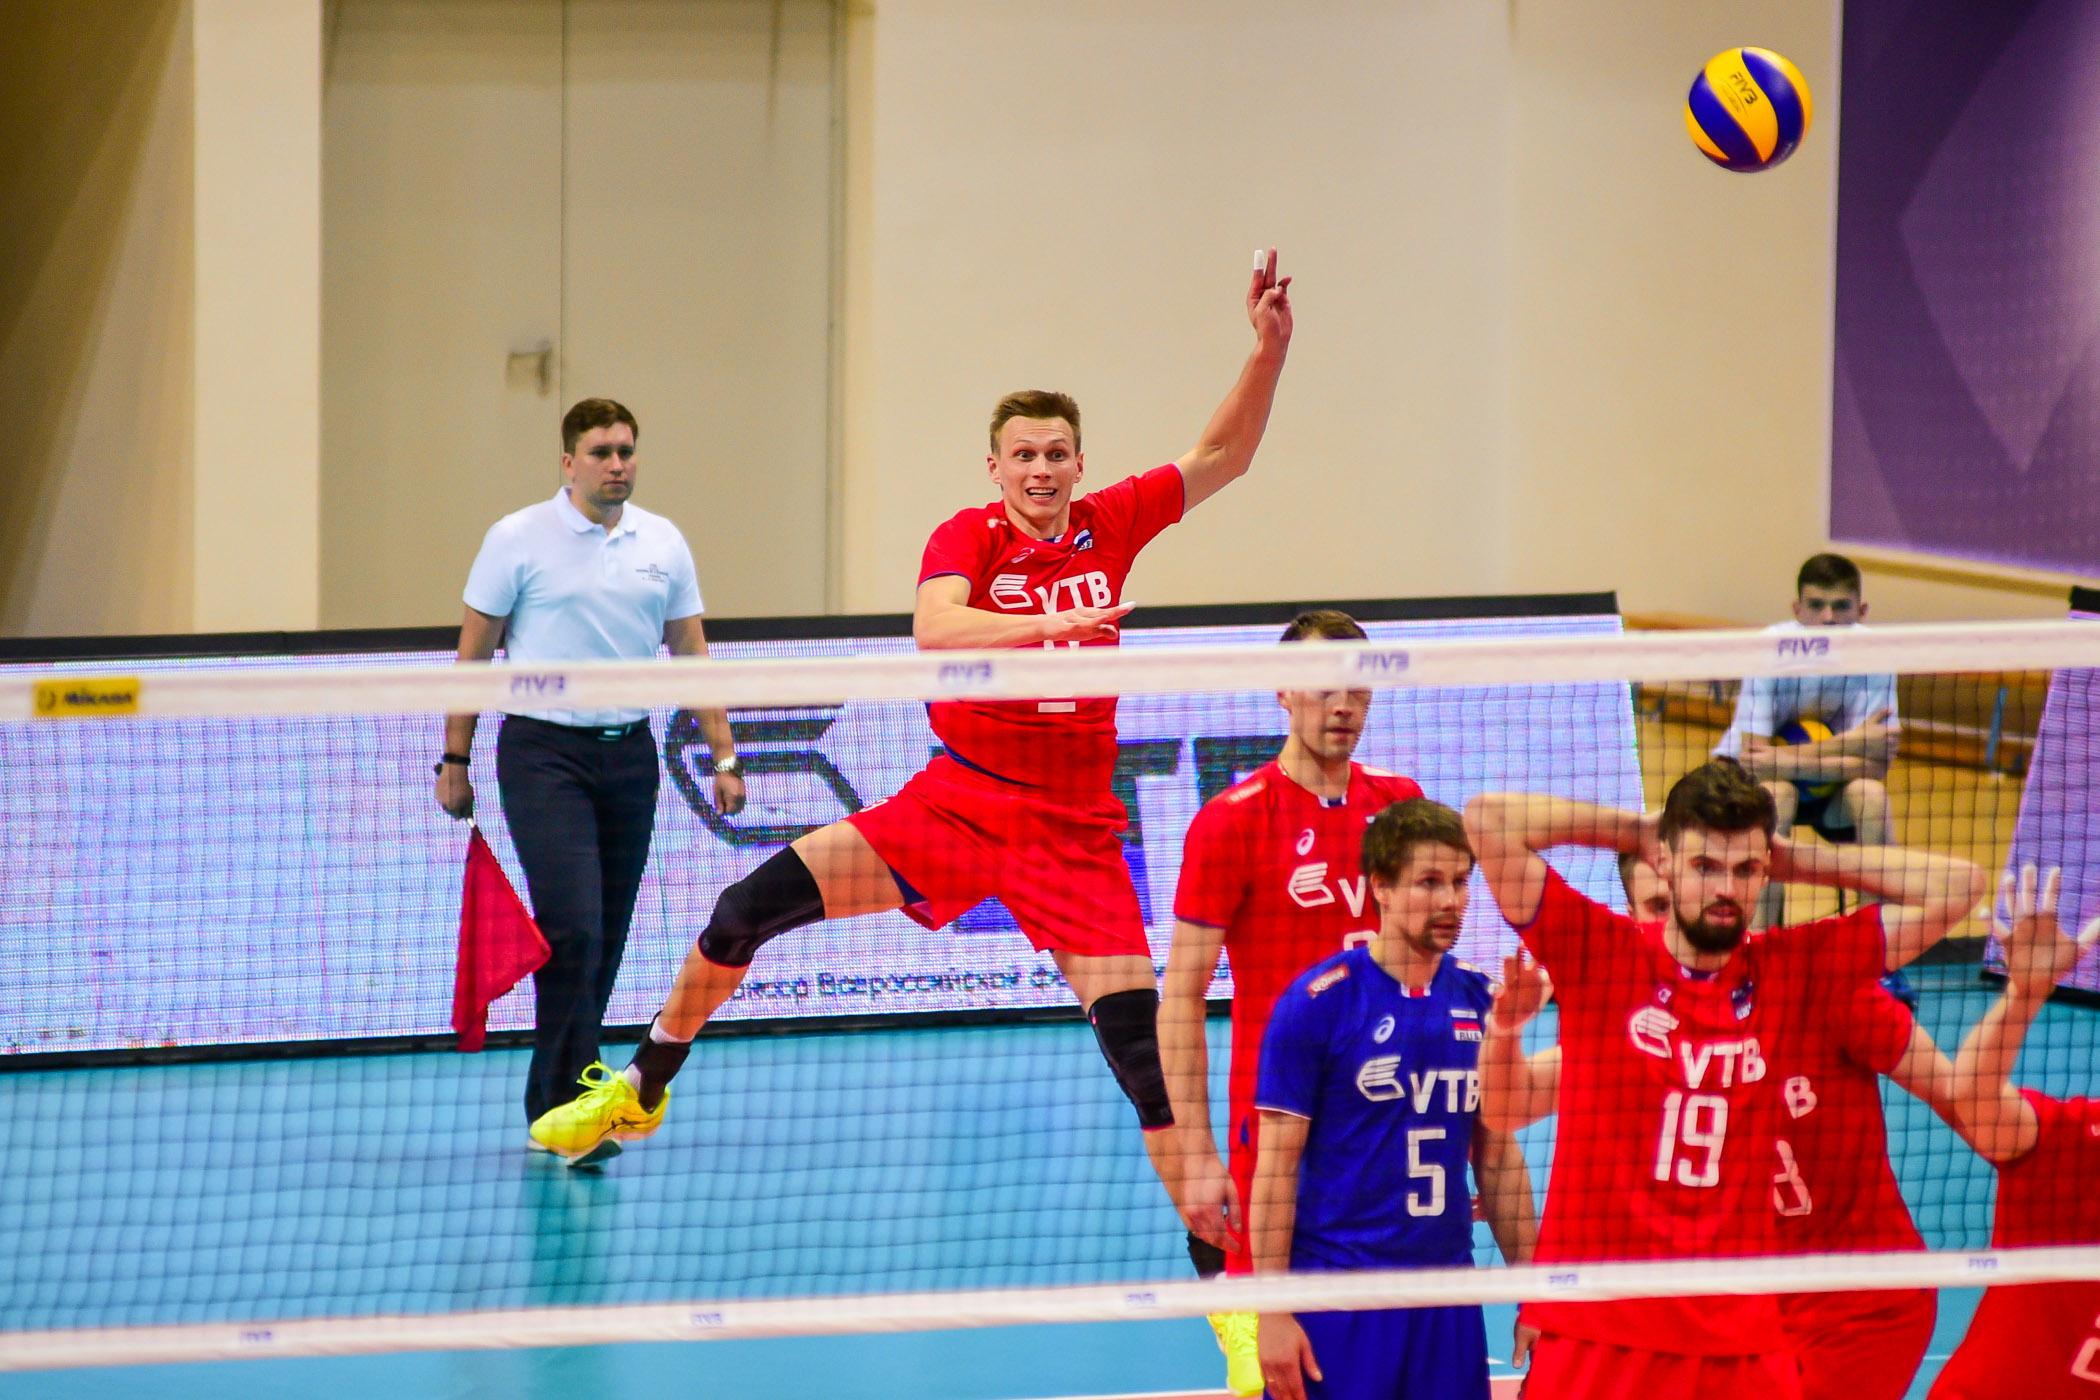 Сборная Российской Федерации  поволейболу обыграла Польшу в3 этапе Мировой лиги